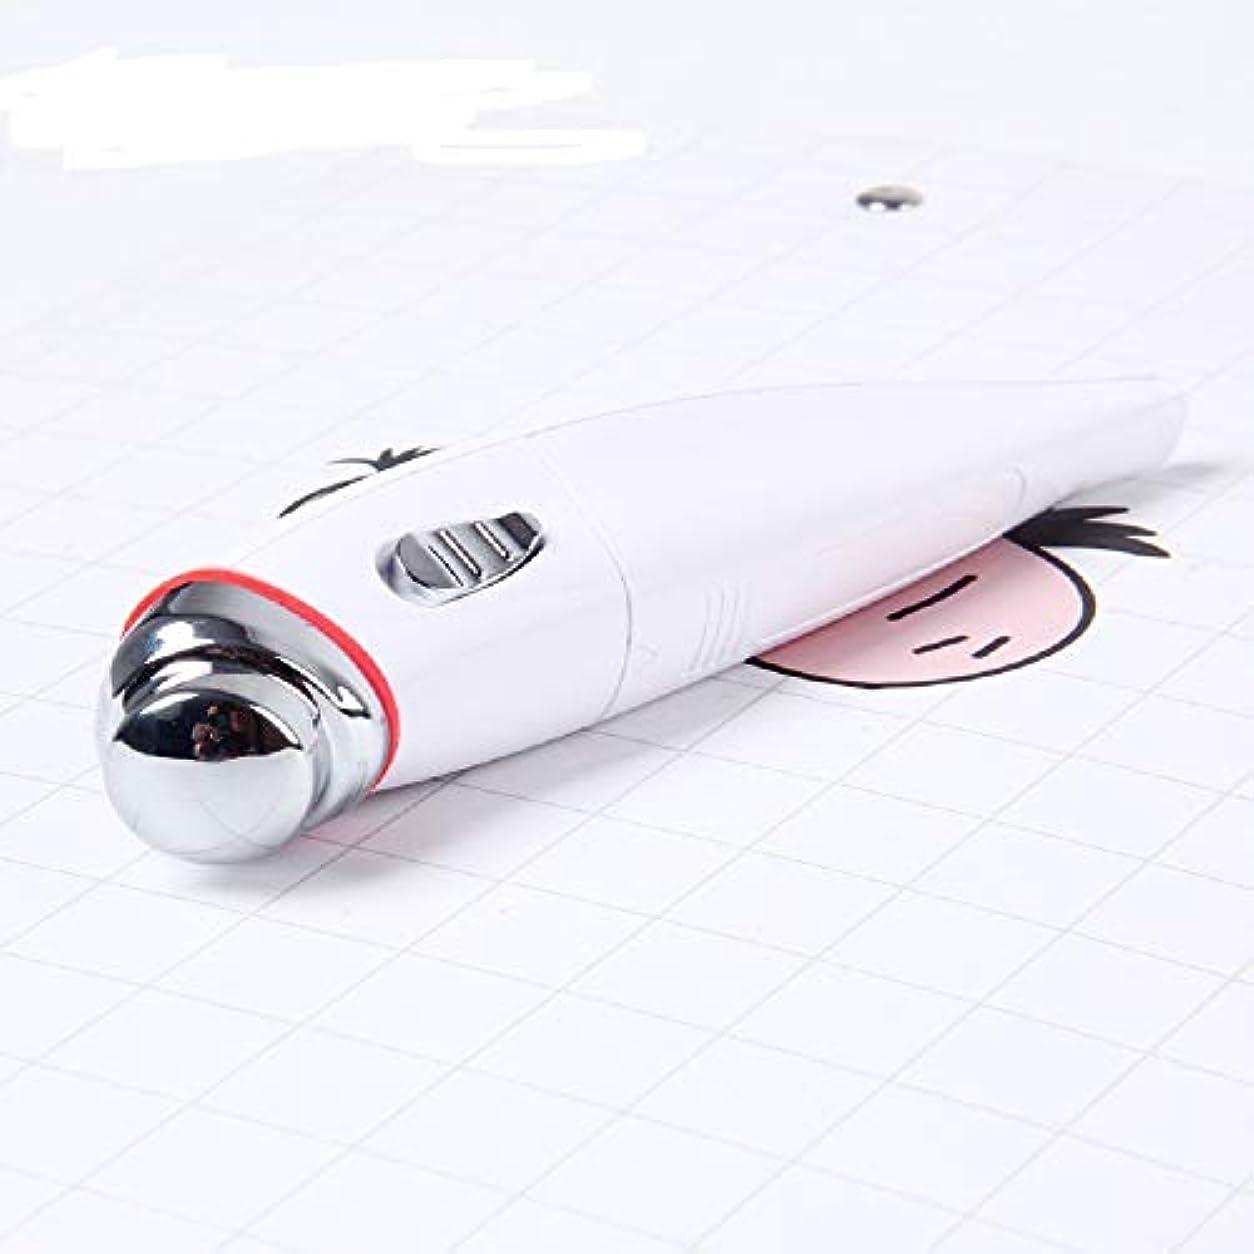 Ruzzy 振動マッサージ電動アイマッサージャー、振動マッサージ美容器具 購入へようこそ